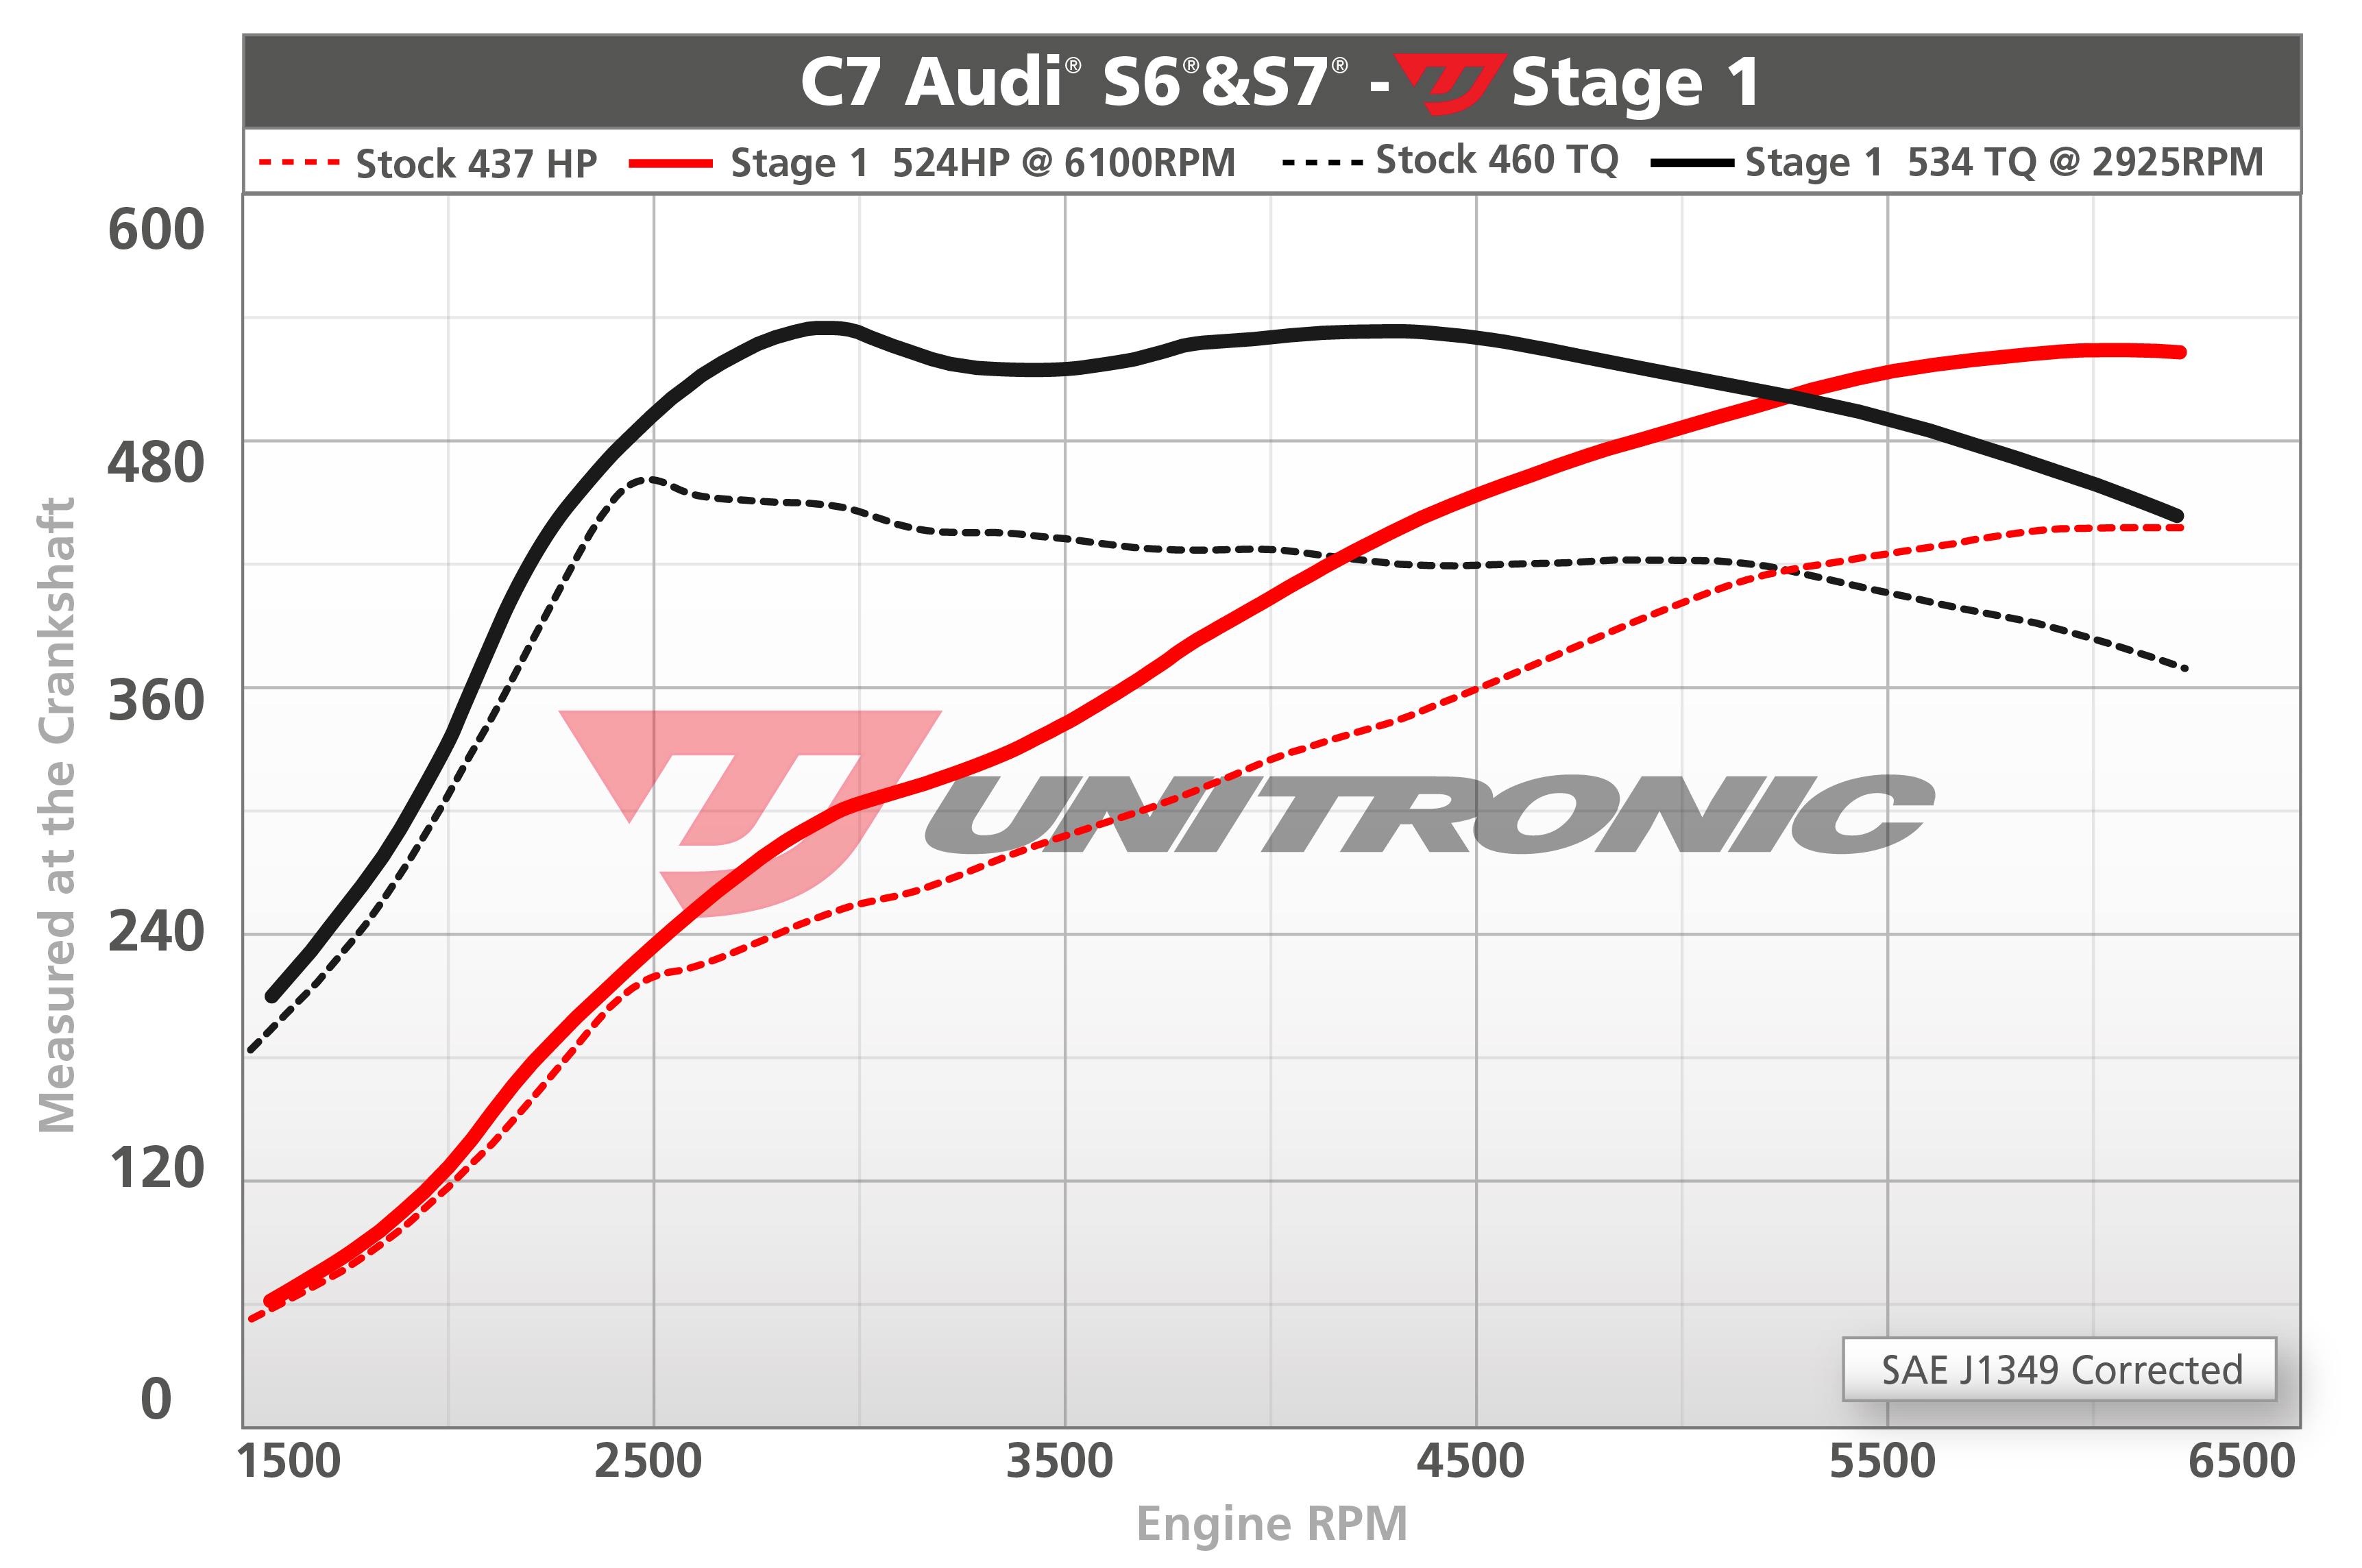 Audi S7 4 0 TFSI ECU Upgrade Software - 2012-2015